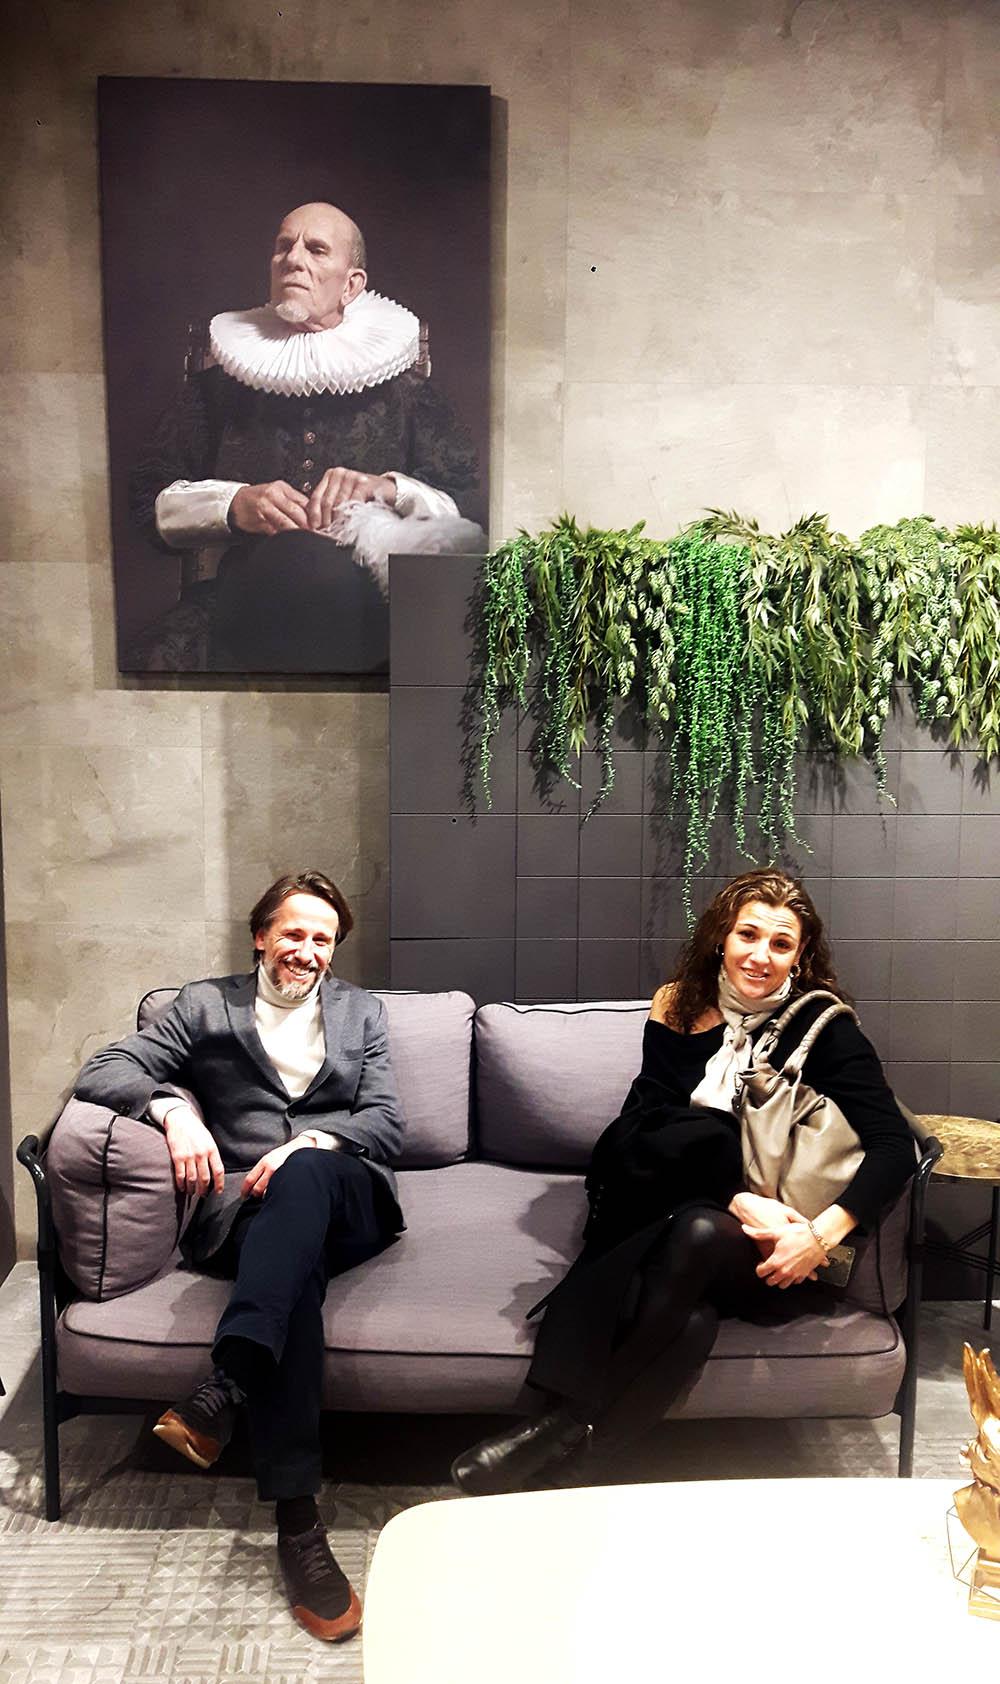 interioristas sentados en un sofa y un gran cuadro